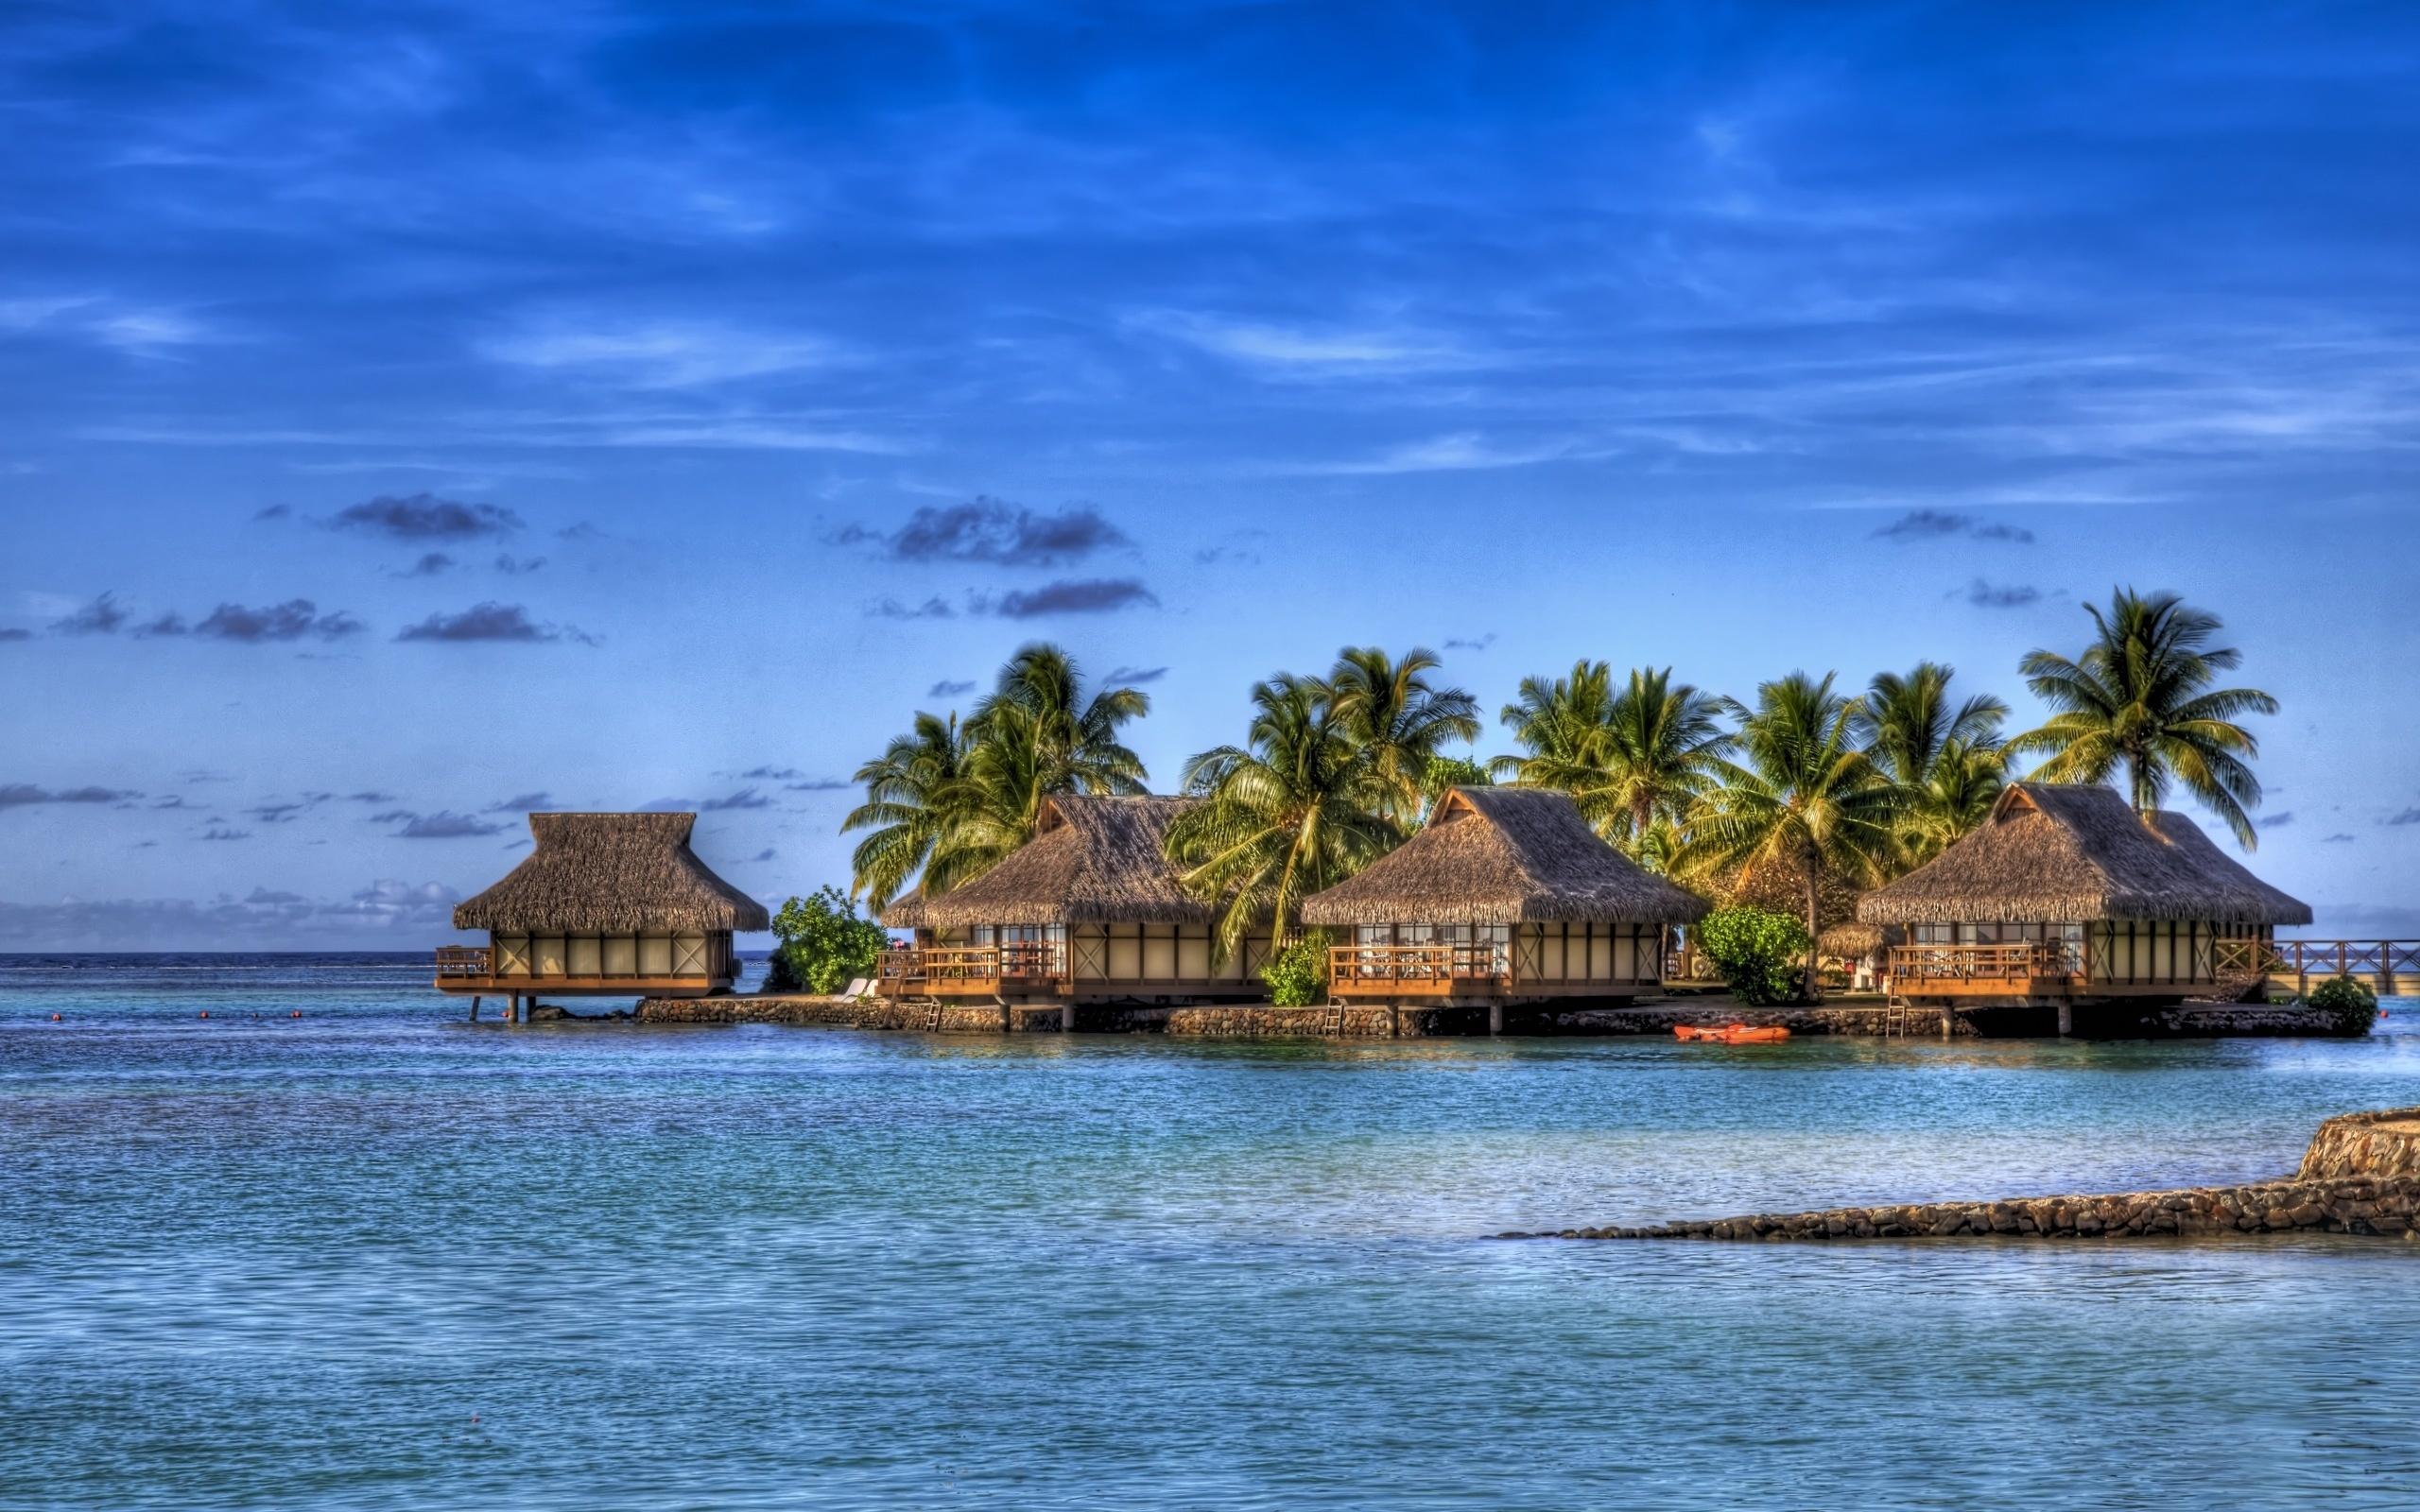 马尔代夫高清海岛风景桌面电脑壁纸